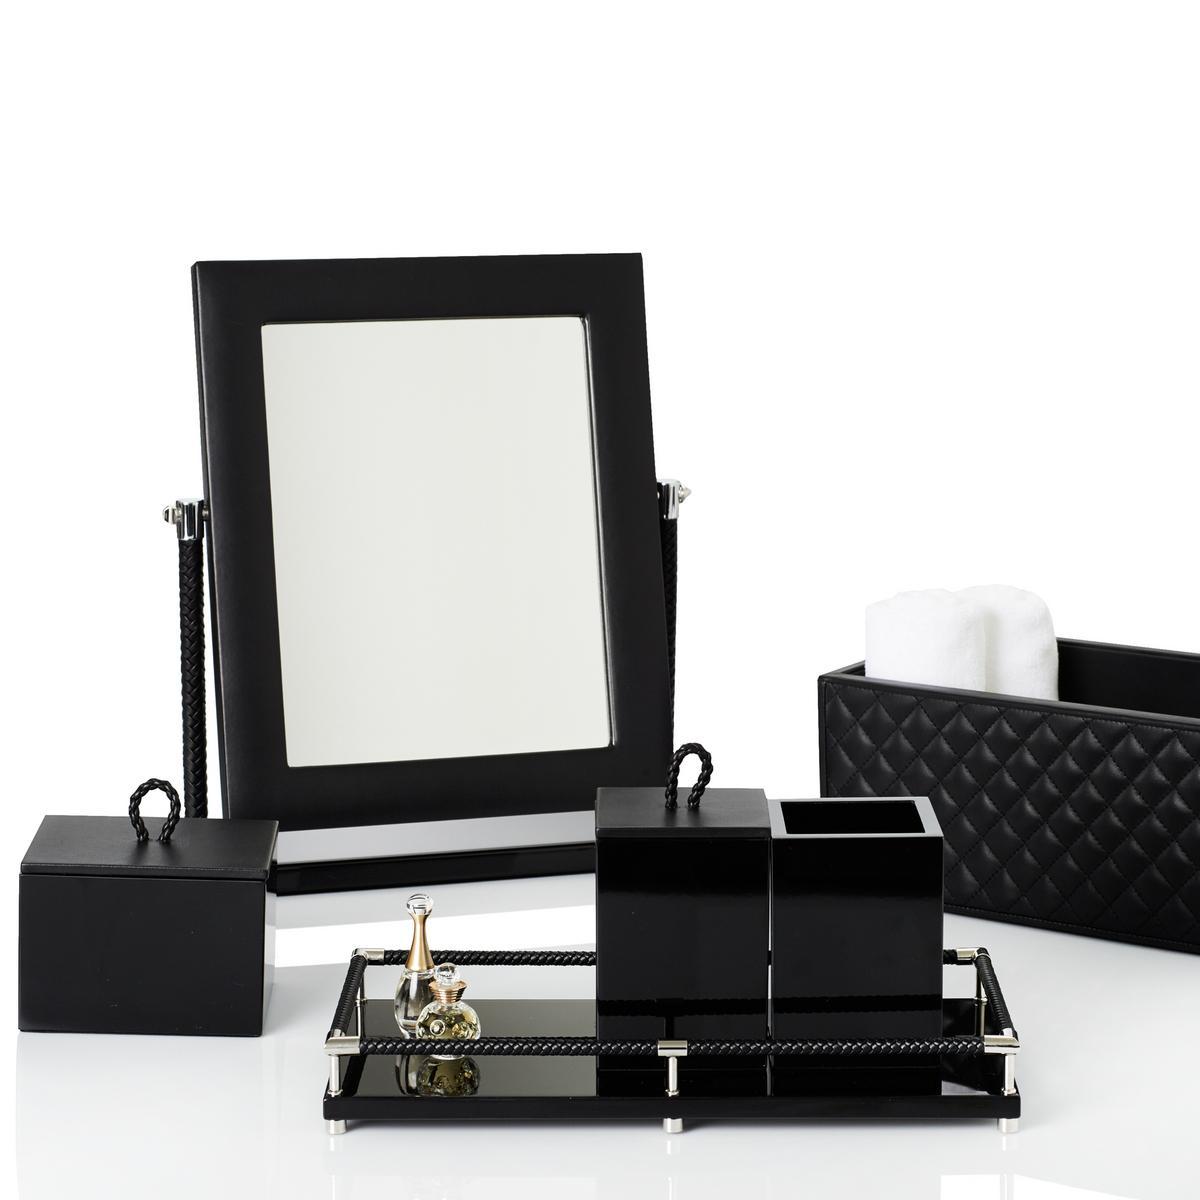 Bathroom Accessories Black riviere vanity bathroom accessories, black | artedona